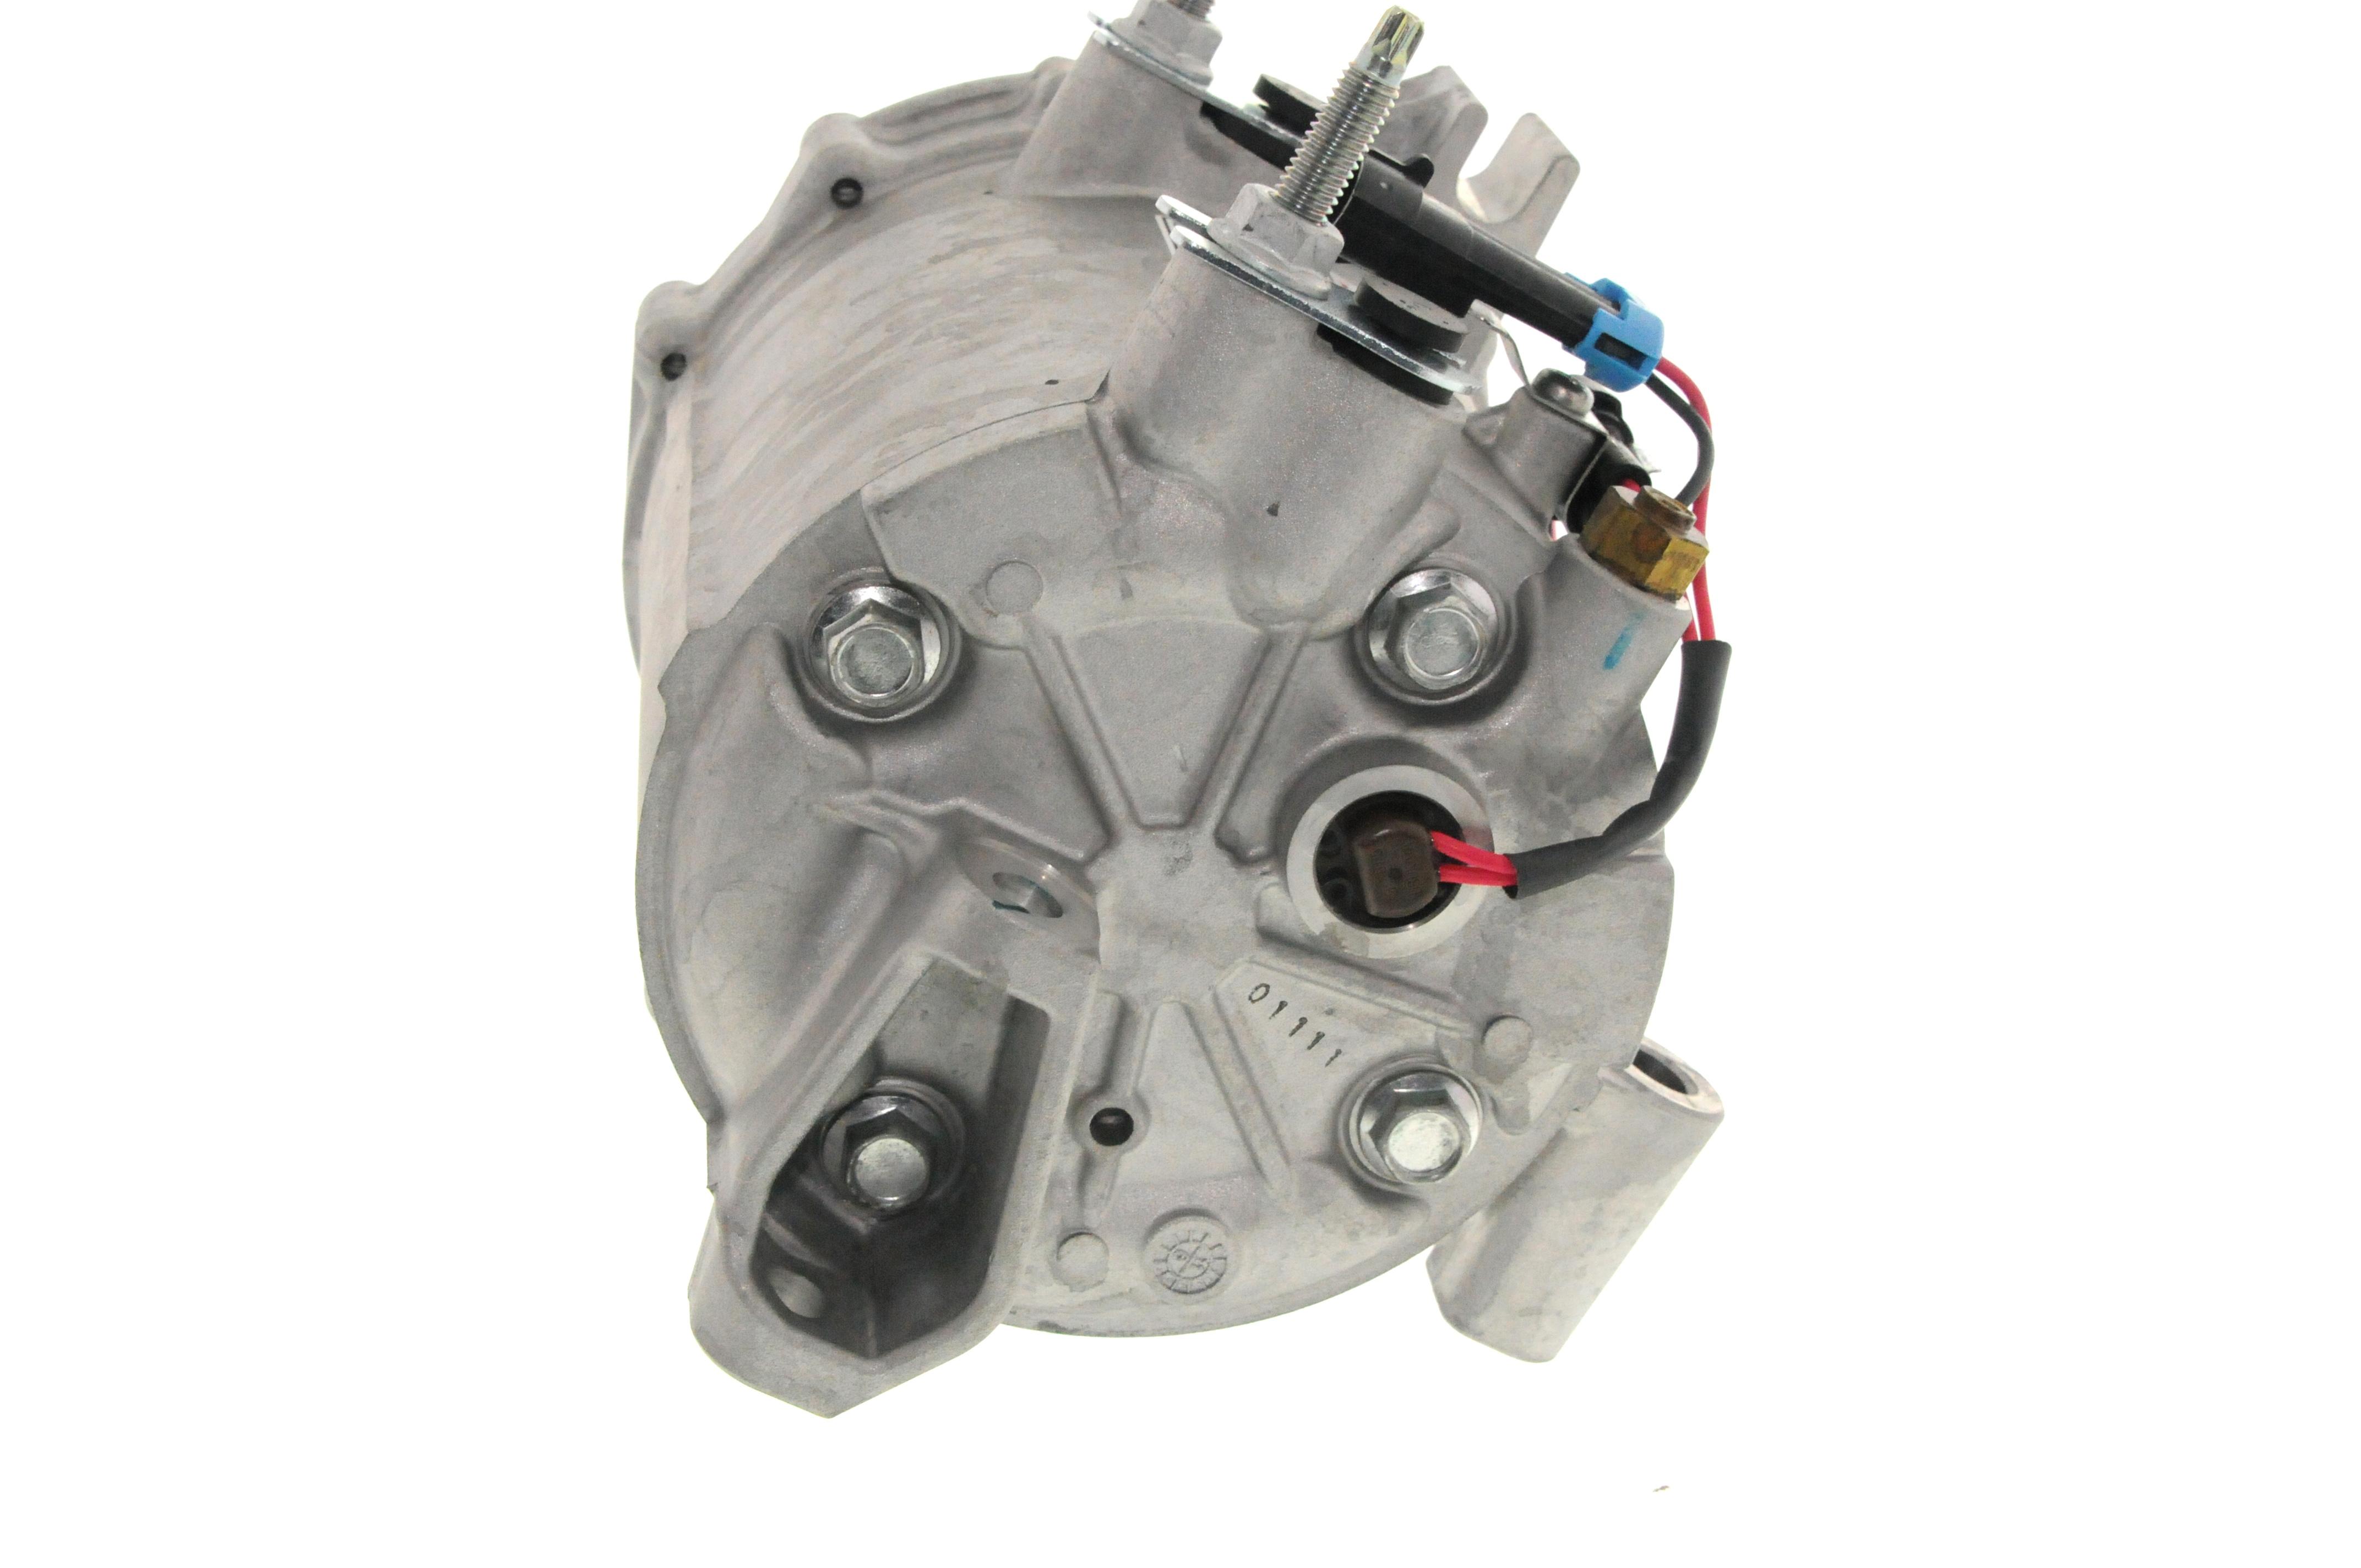 ACDELCO GM ORIGINAL EQUIPMENT - A/C Compressor - DCB 15-20412